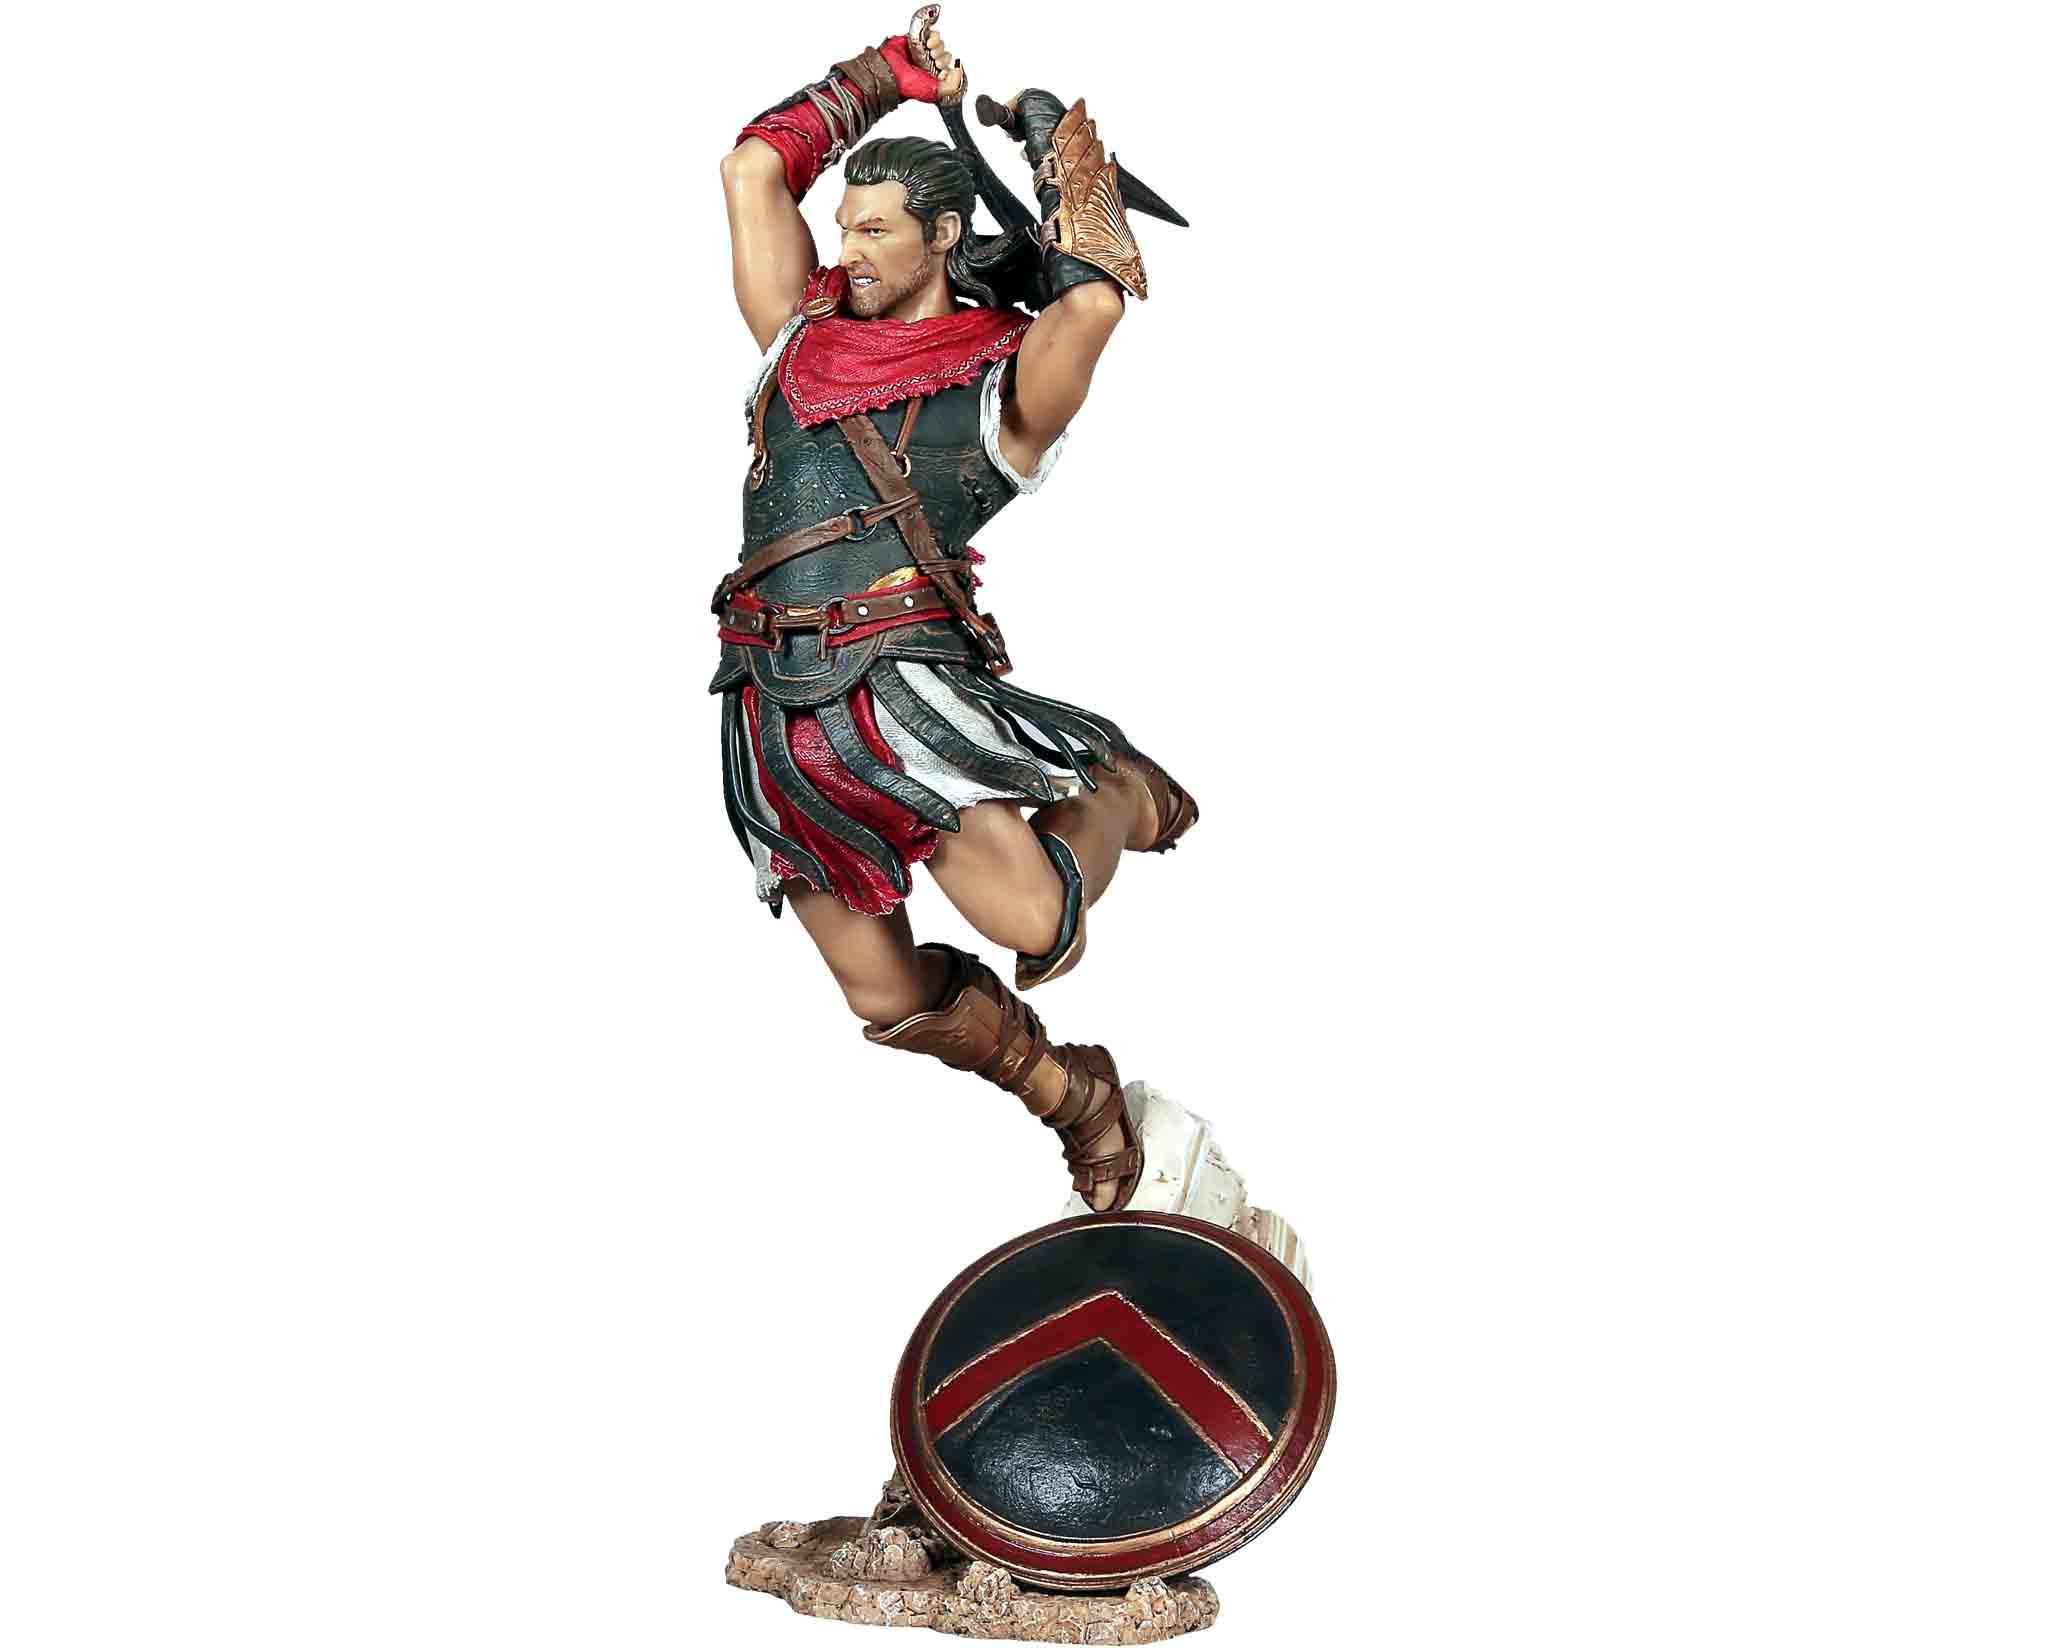 Ubisoft  - 300099727 Assassin's Creed Odyssey - Alexios Personaggio da collezione